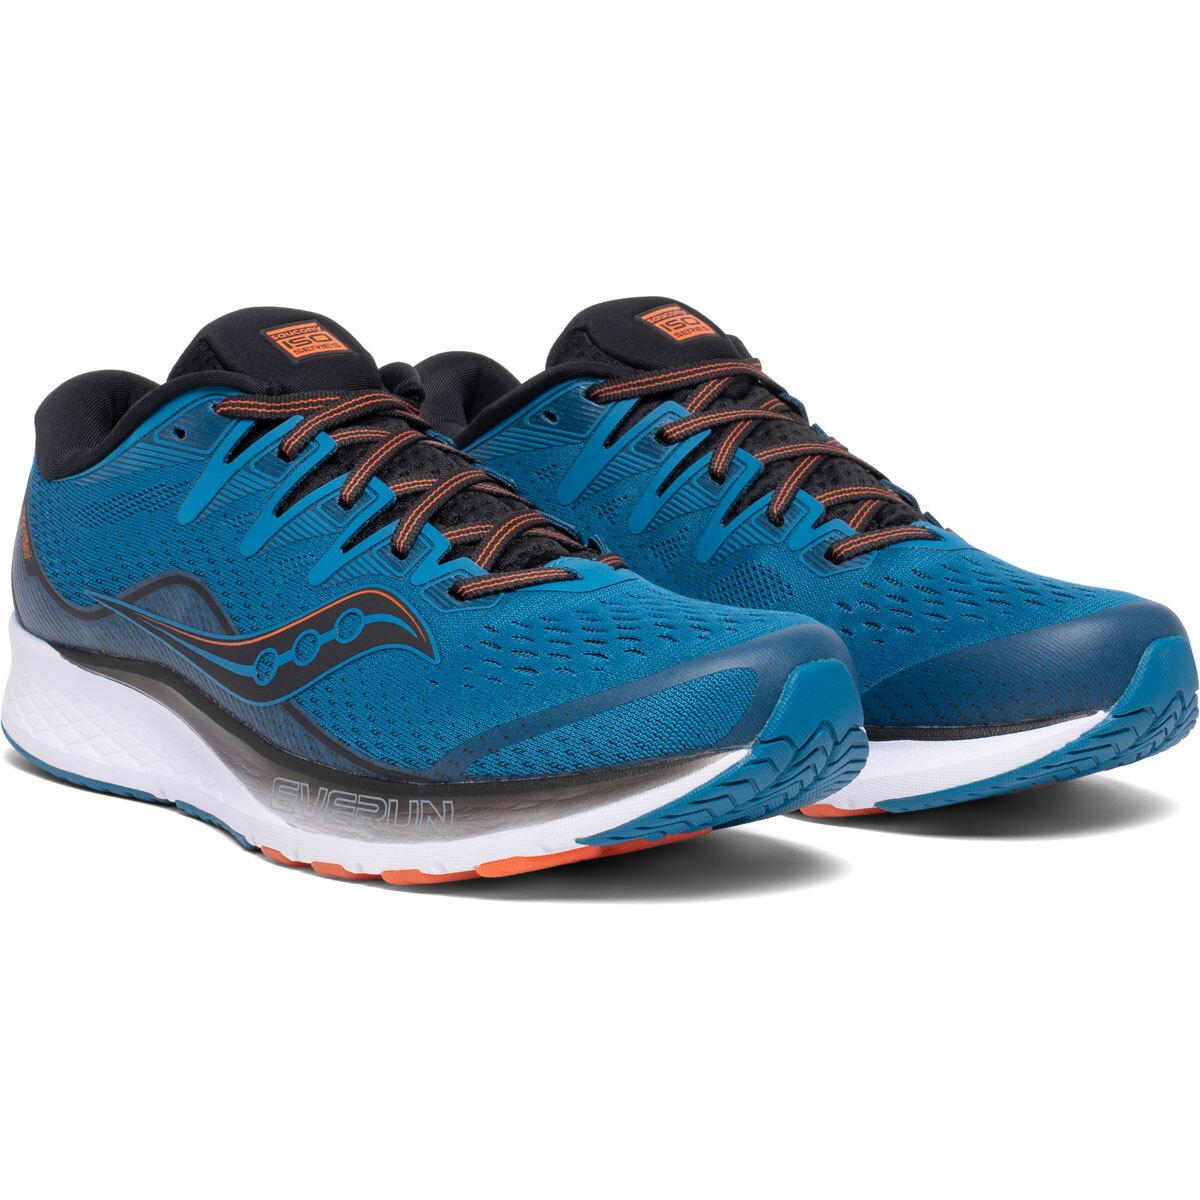 Men's Saucony Ride Iso 2 Running Shoe - Color: Blue/Black (Regular Width) - Size: 11, Blue/Black, large, image 4